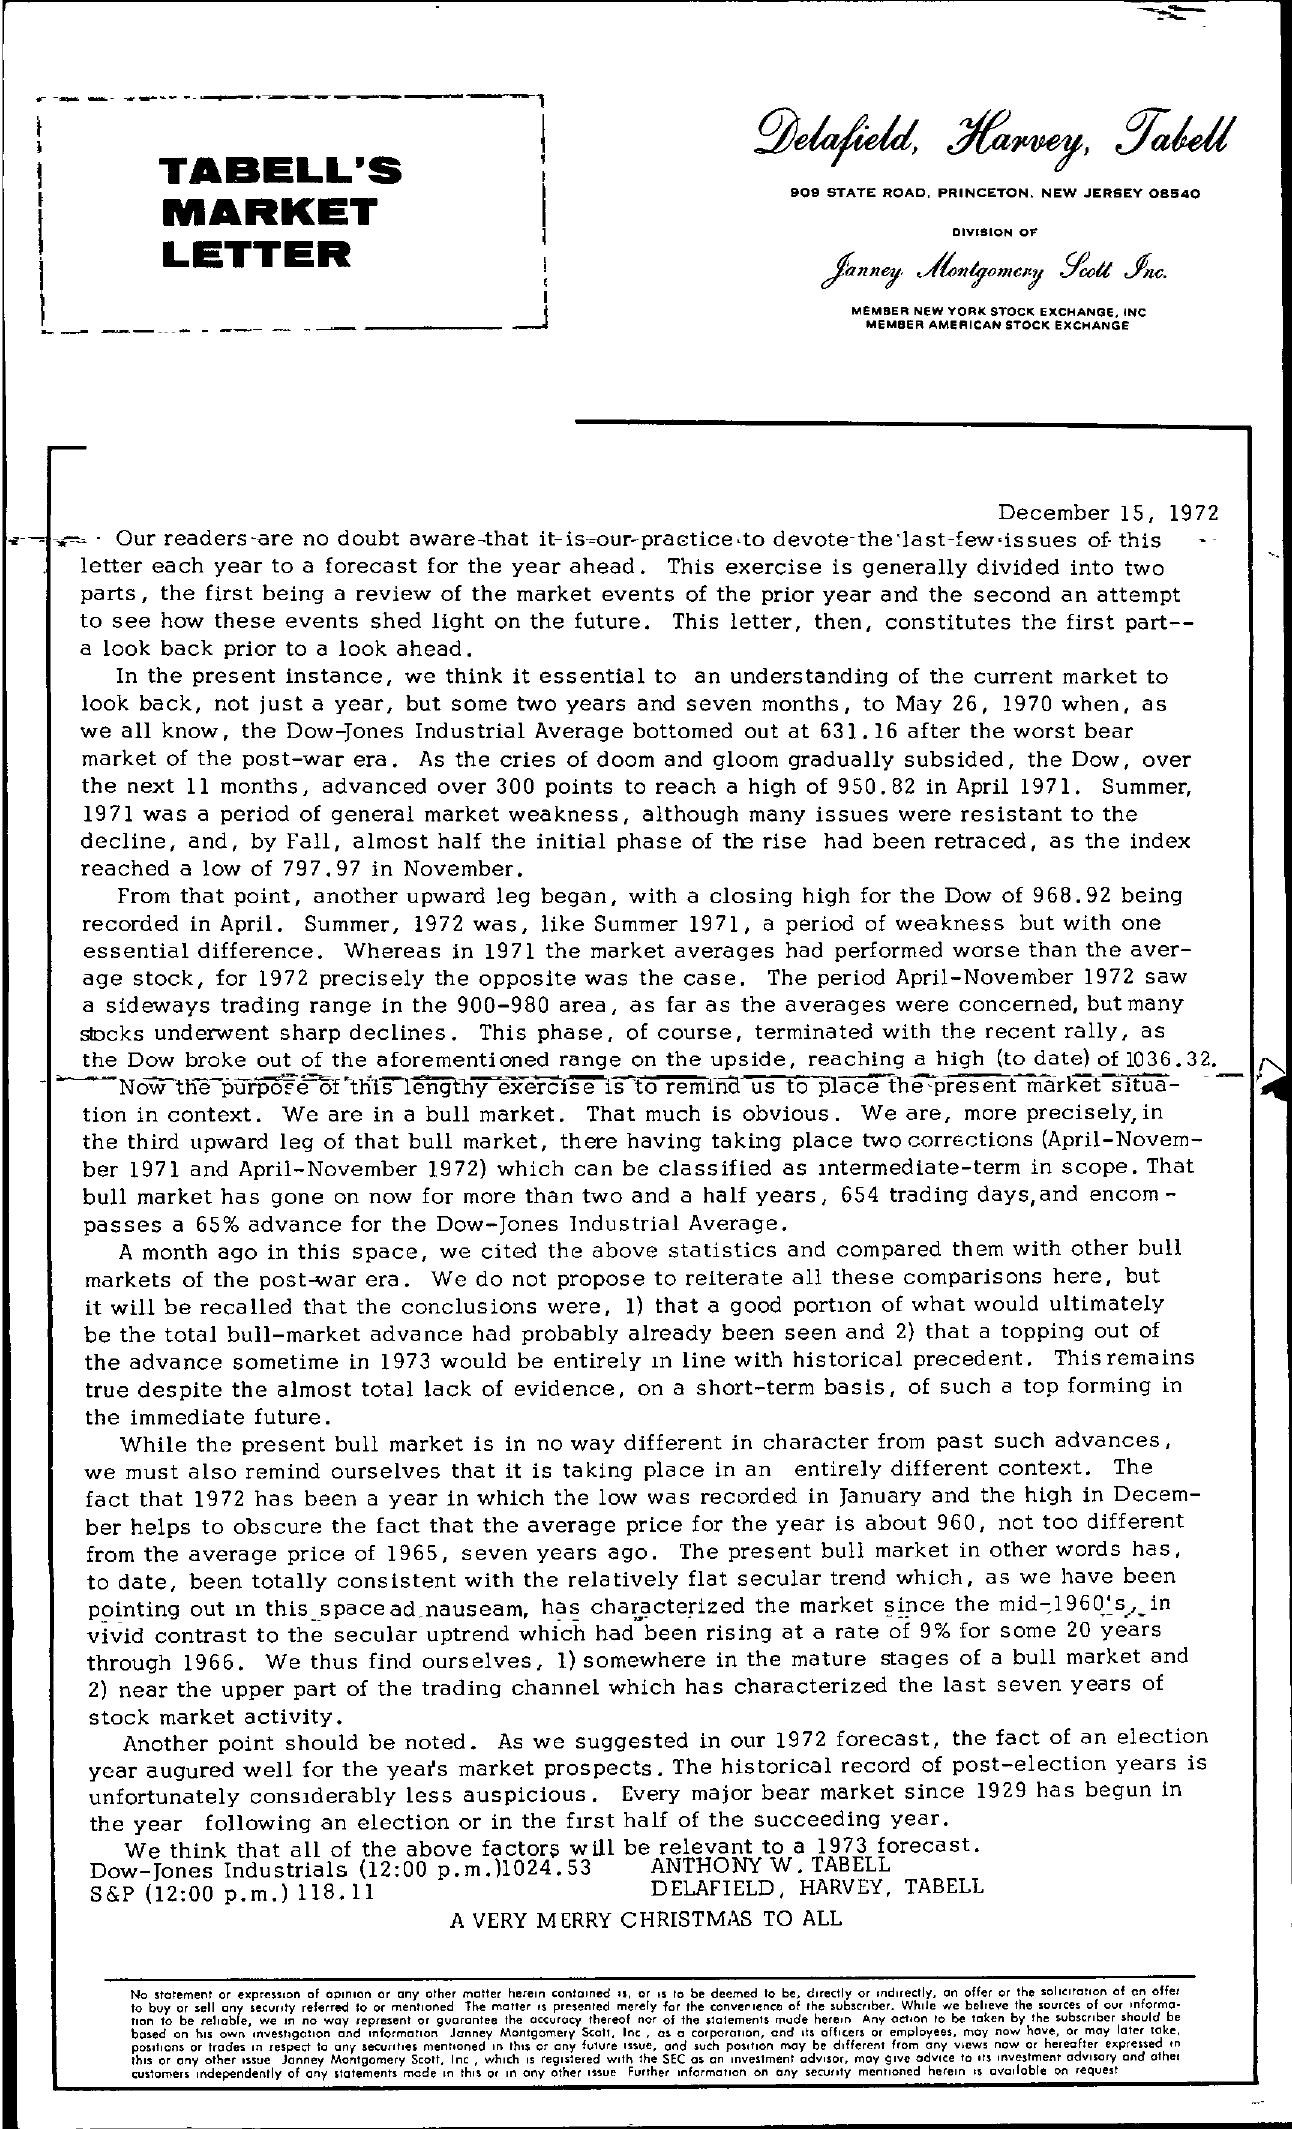 Tabell's Market Letter - December 15, 1972